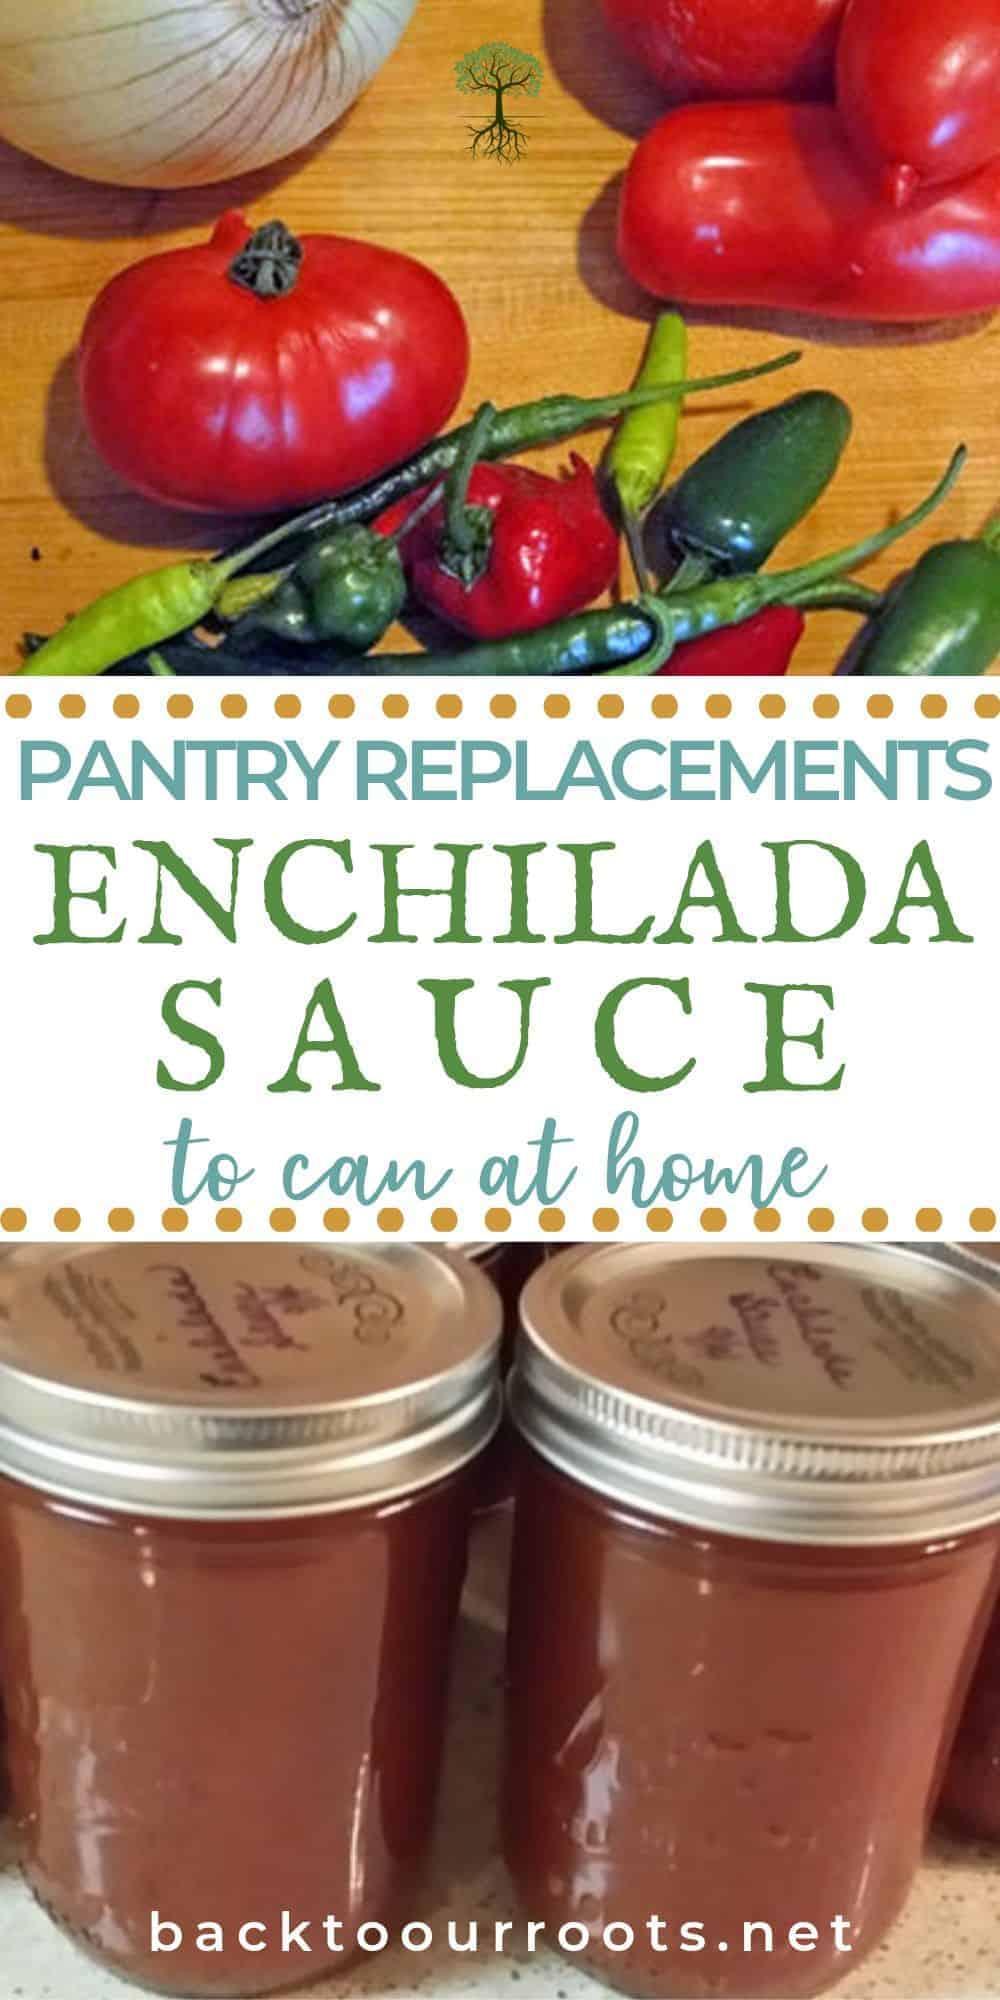 Canning Enchilada Sauce